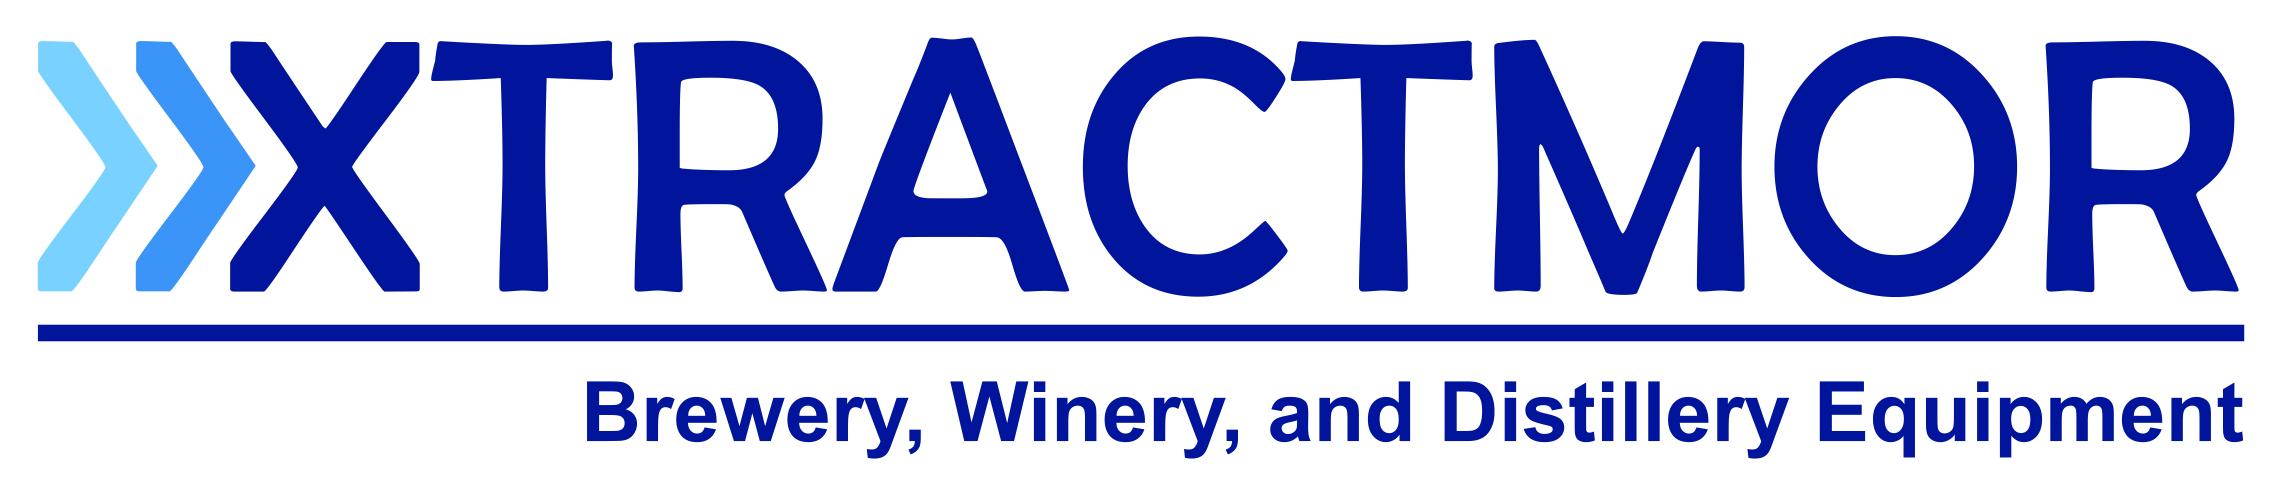 Xtractmor Logo 2020